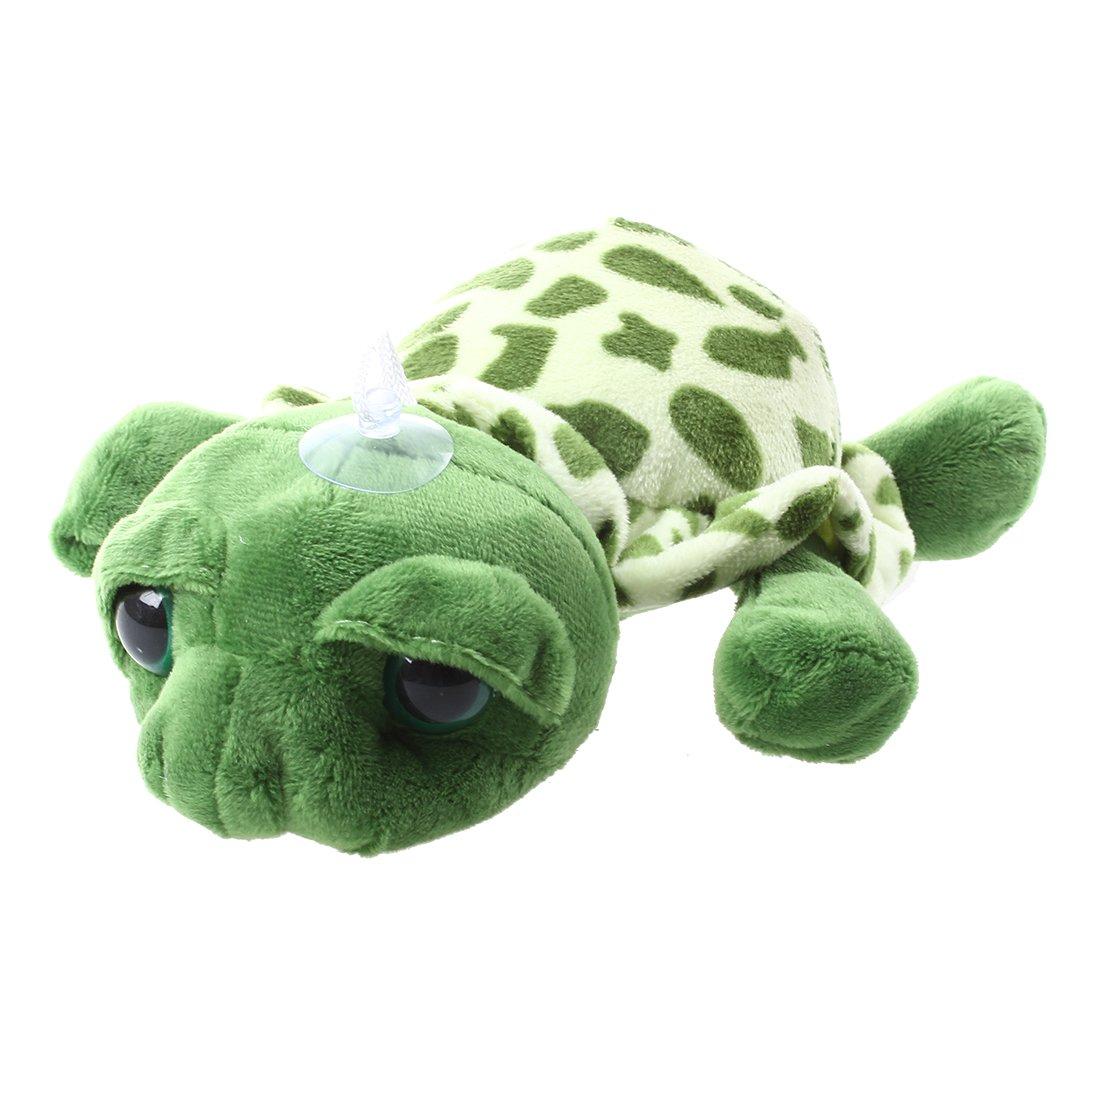 SODIAL(R)Regalo de juguete de muneca de tortuga de peluche con ojos grandes verdes: Amazon.es: Juguetes y juegos